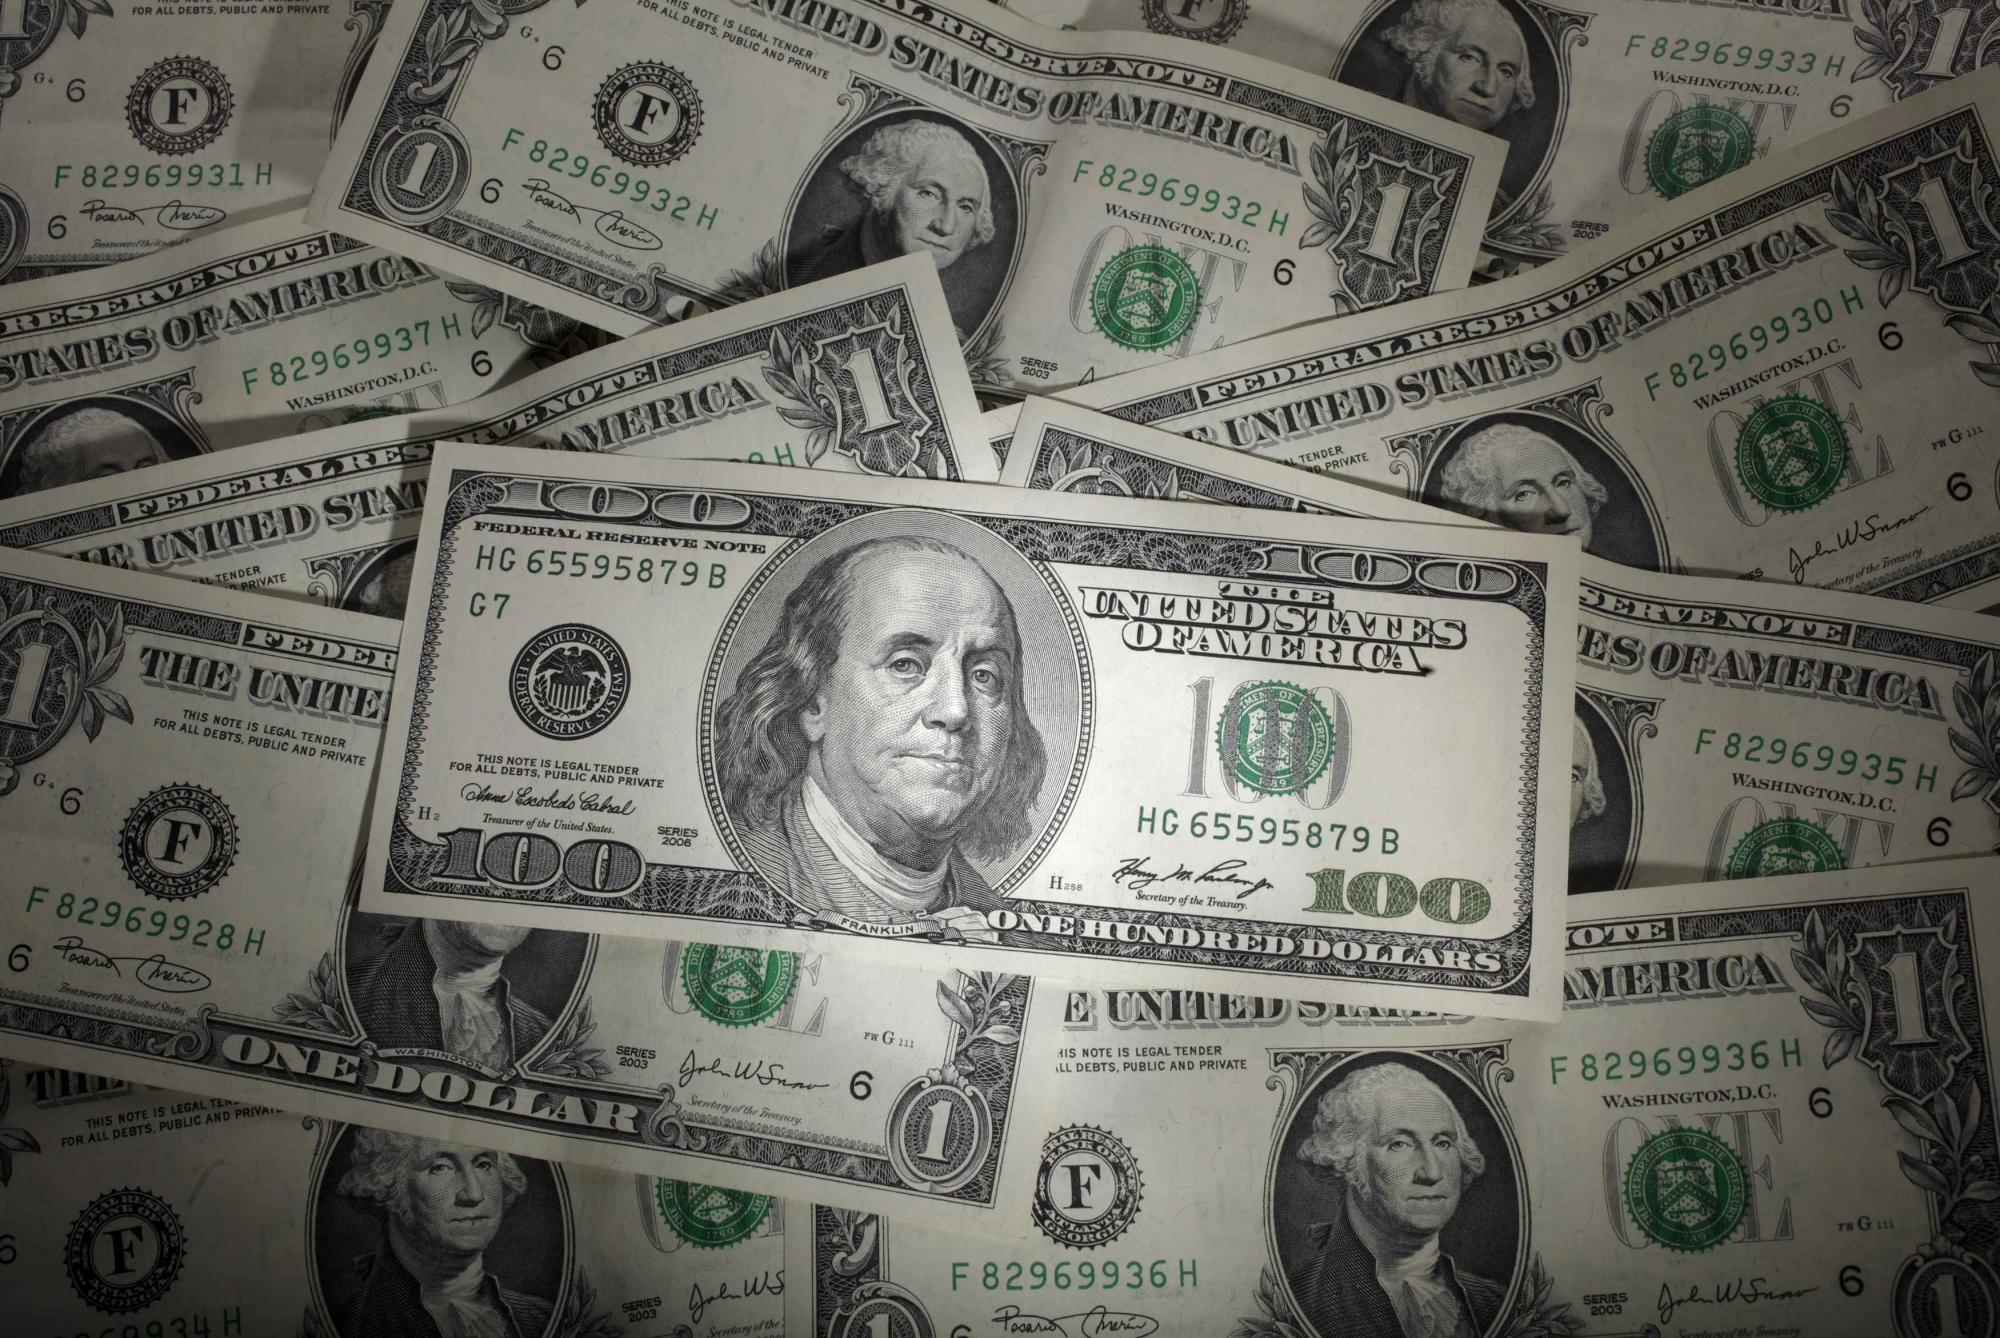 美元-在中国银行现货黄金交易中